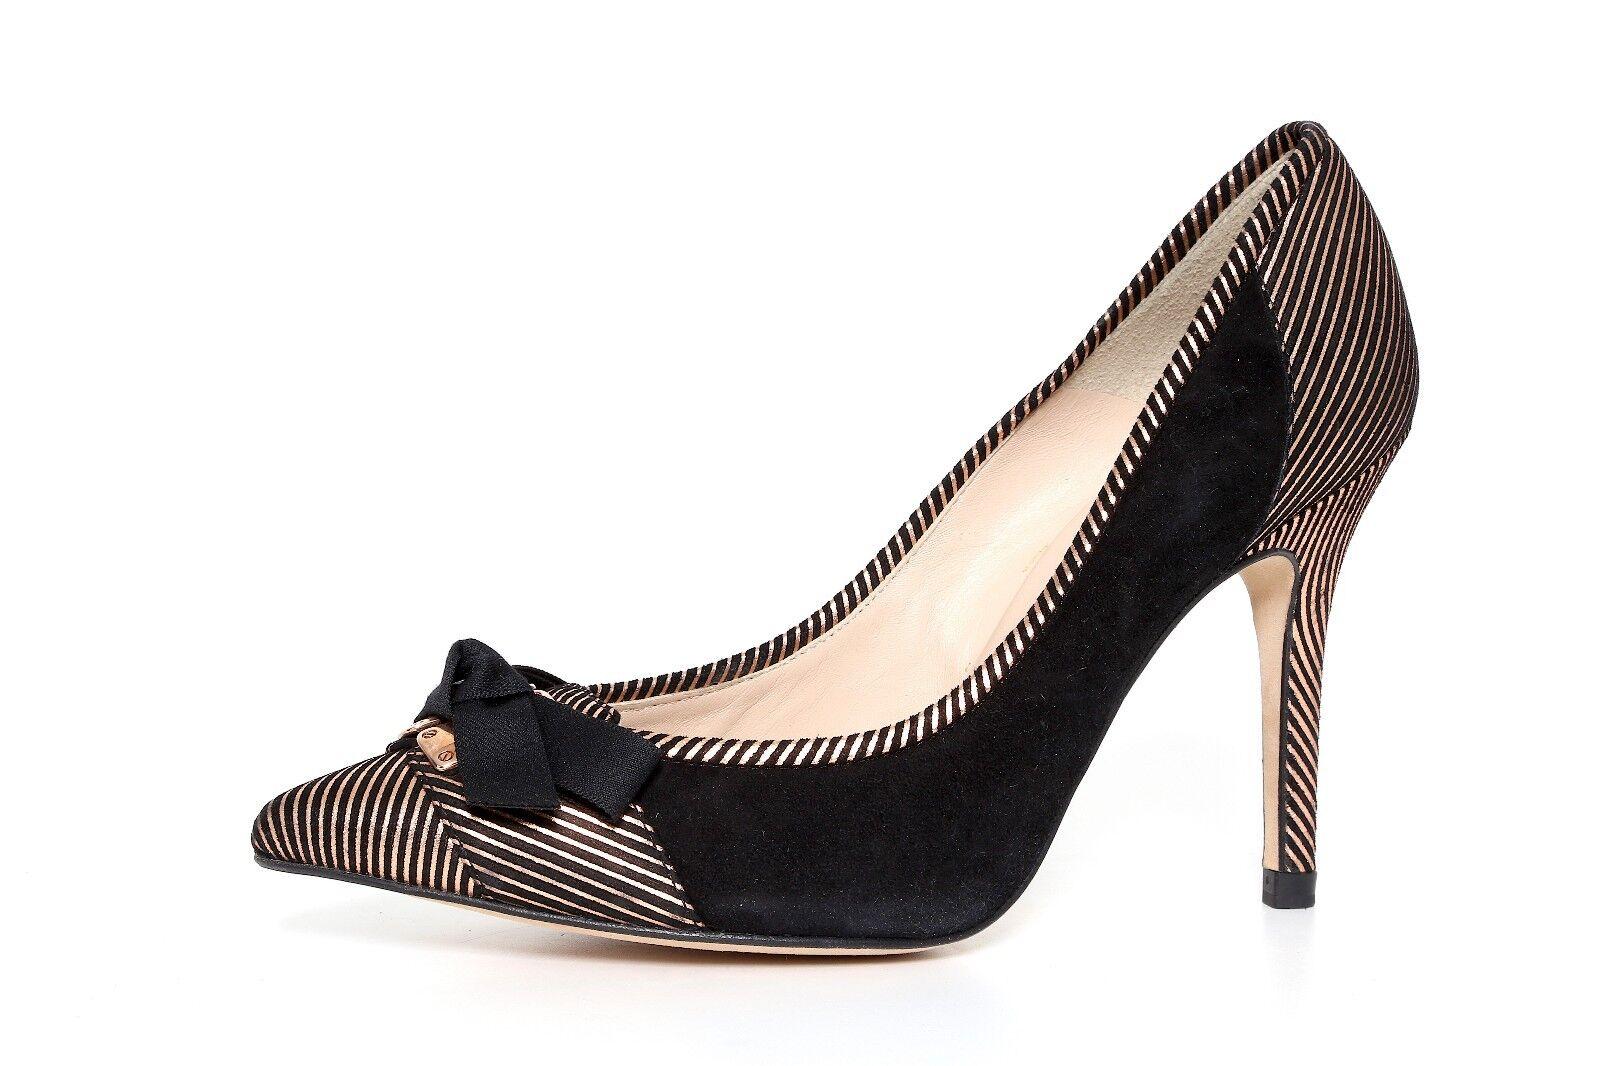 L.K. Bennett Women's Suede Pointed Toe Toe Toe Striped Pumps 2734 Size 37.5 751384